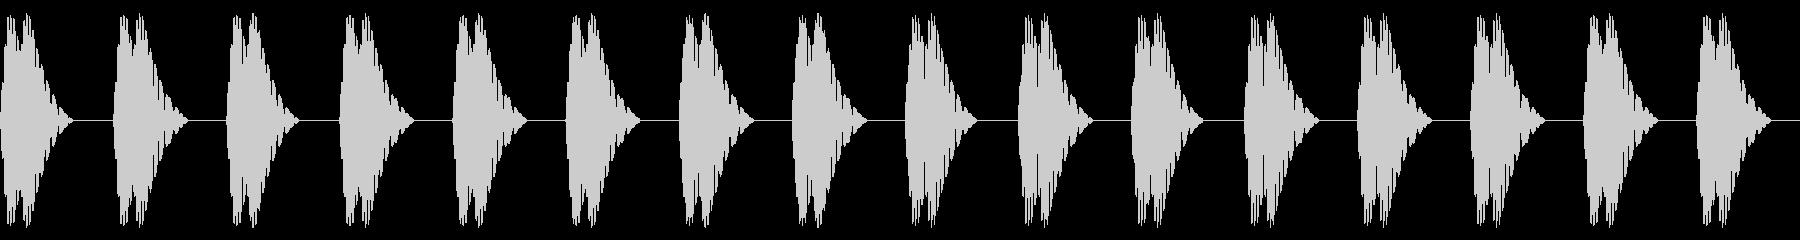 バクバク(心音/脈拍180/運動/動悸)の未再生の波形